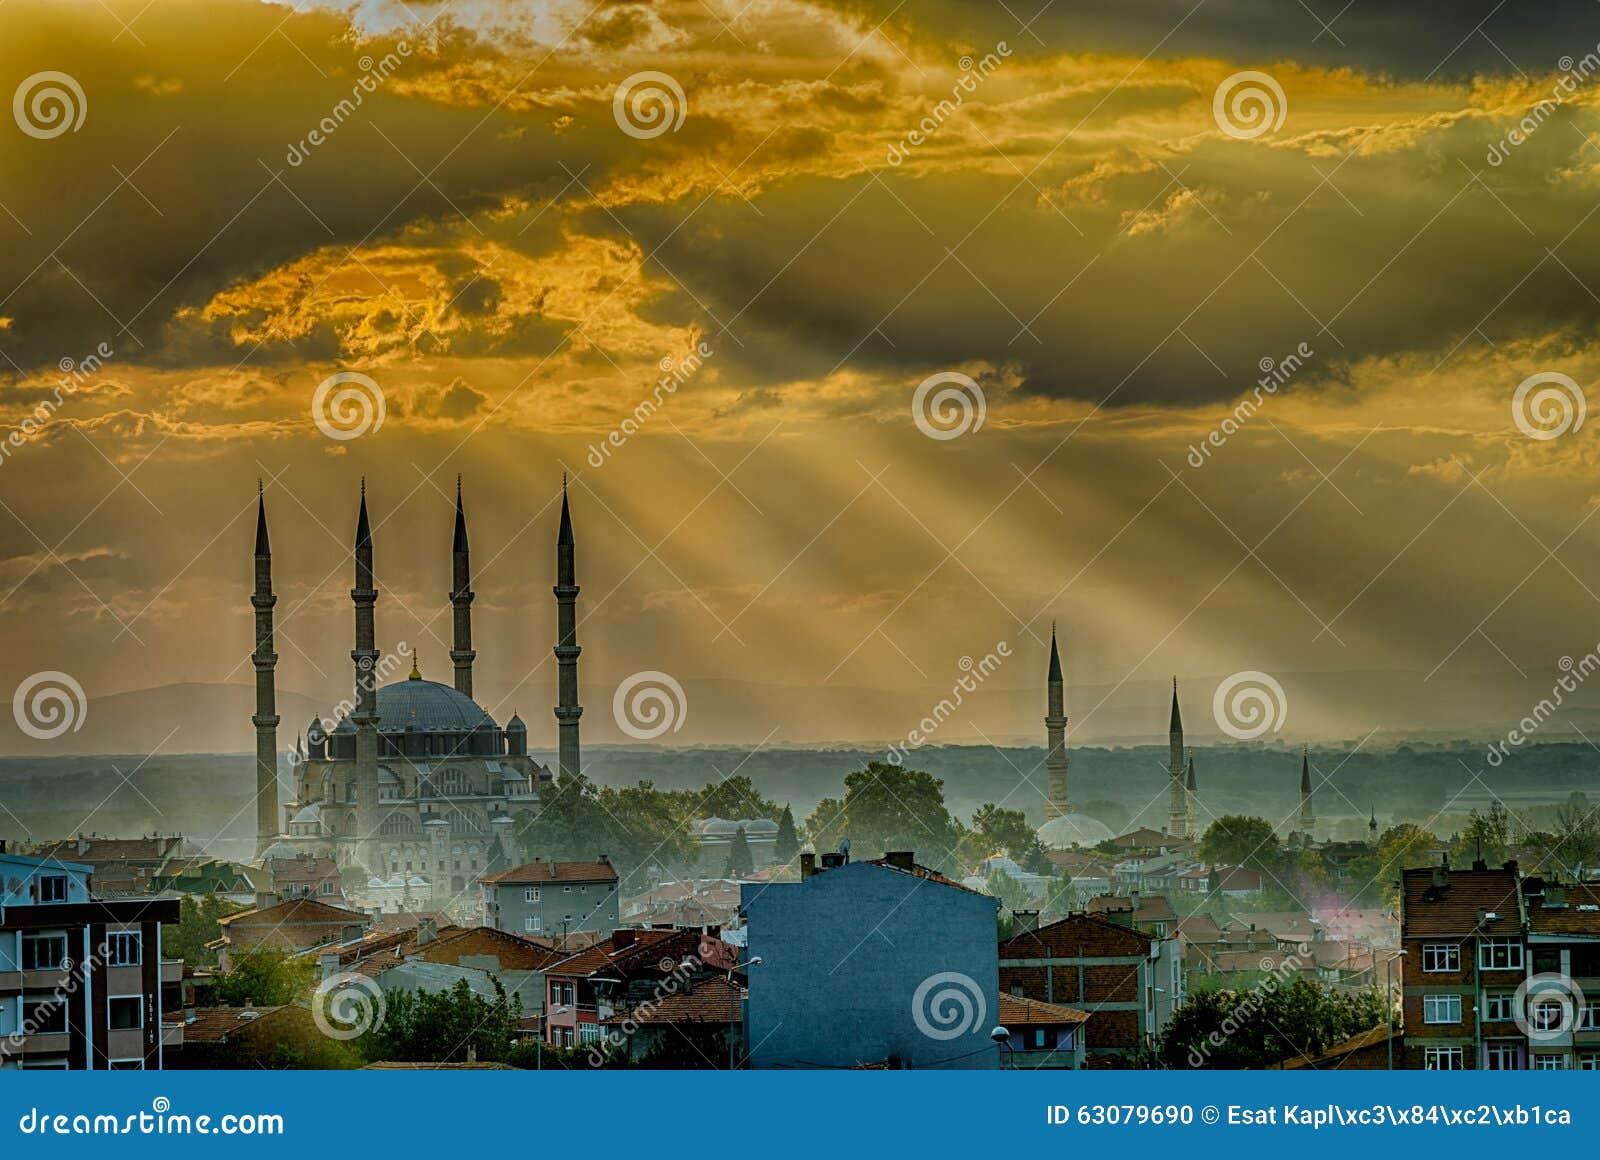 Download Coucher du soleil à Edirne photo stock. Image du célèbre - 63079690